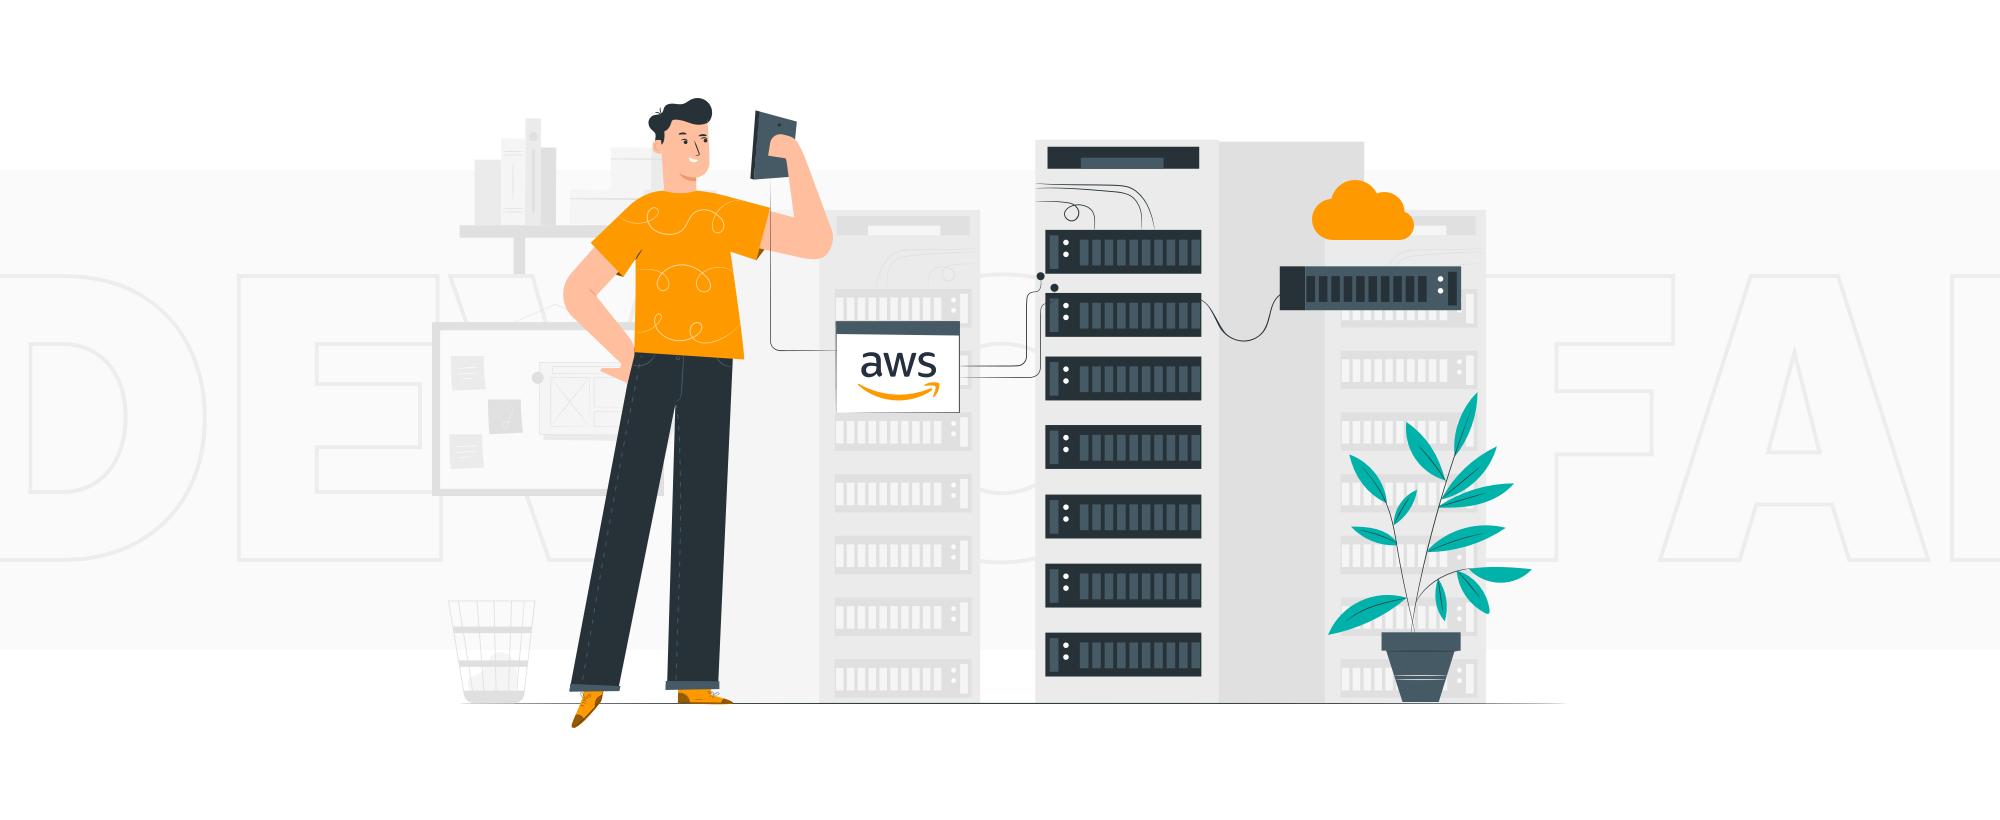 AWS Device Farm — Automated testing tool | TechMagic.co